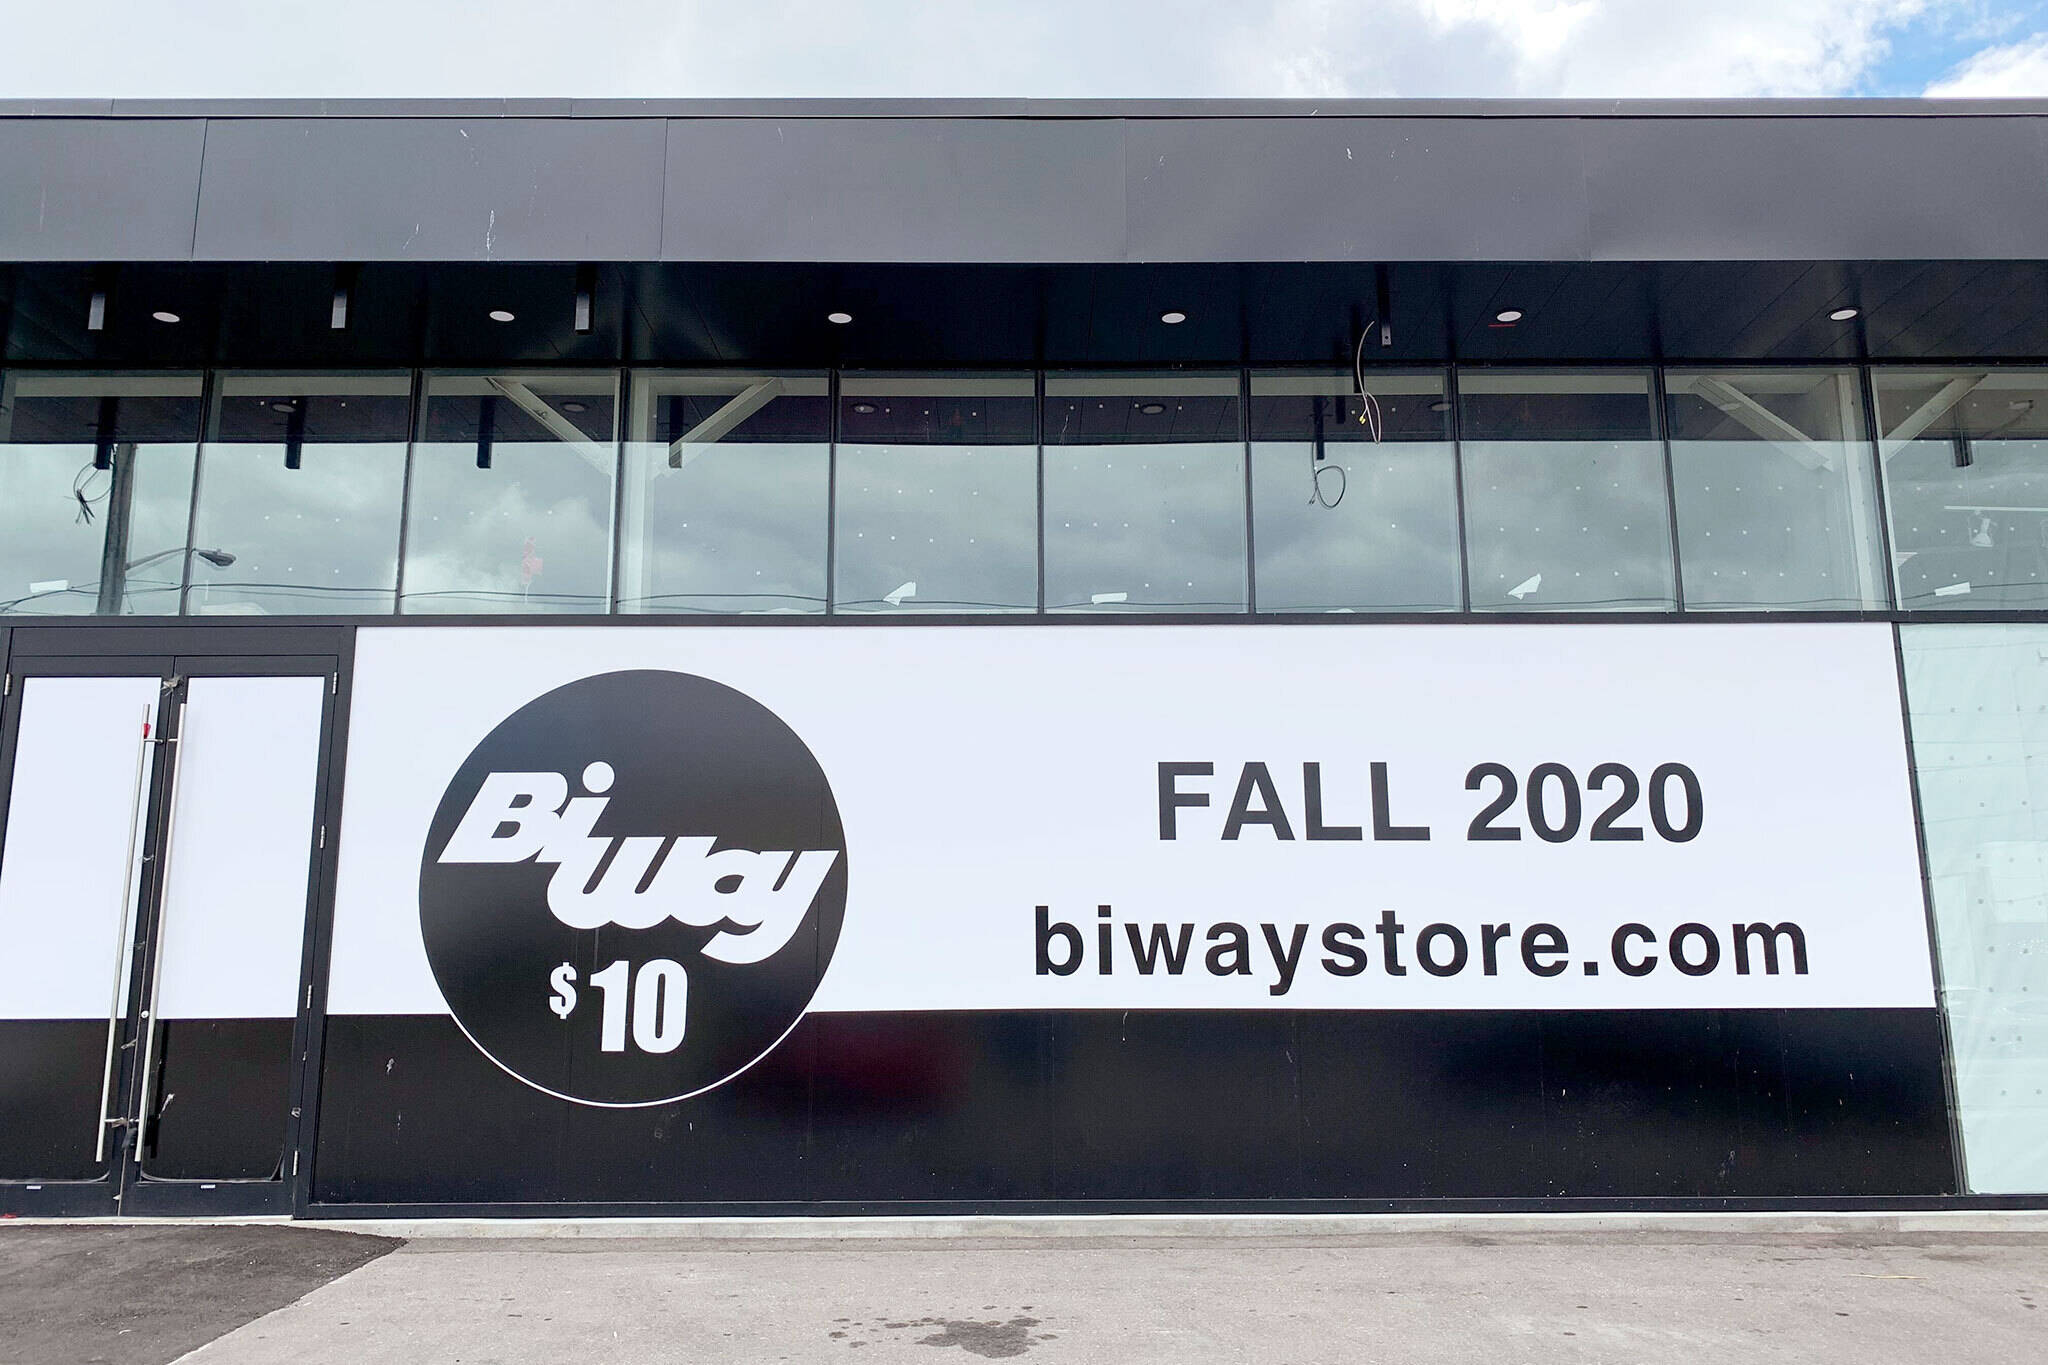 biway store reopening